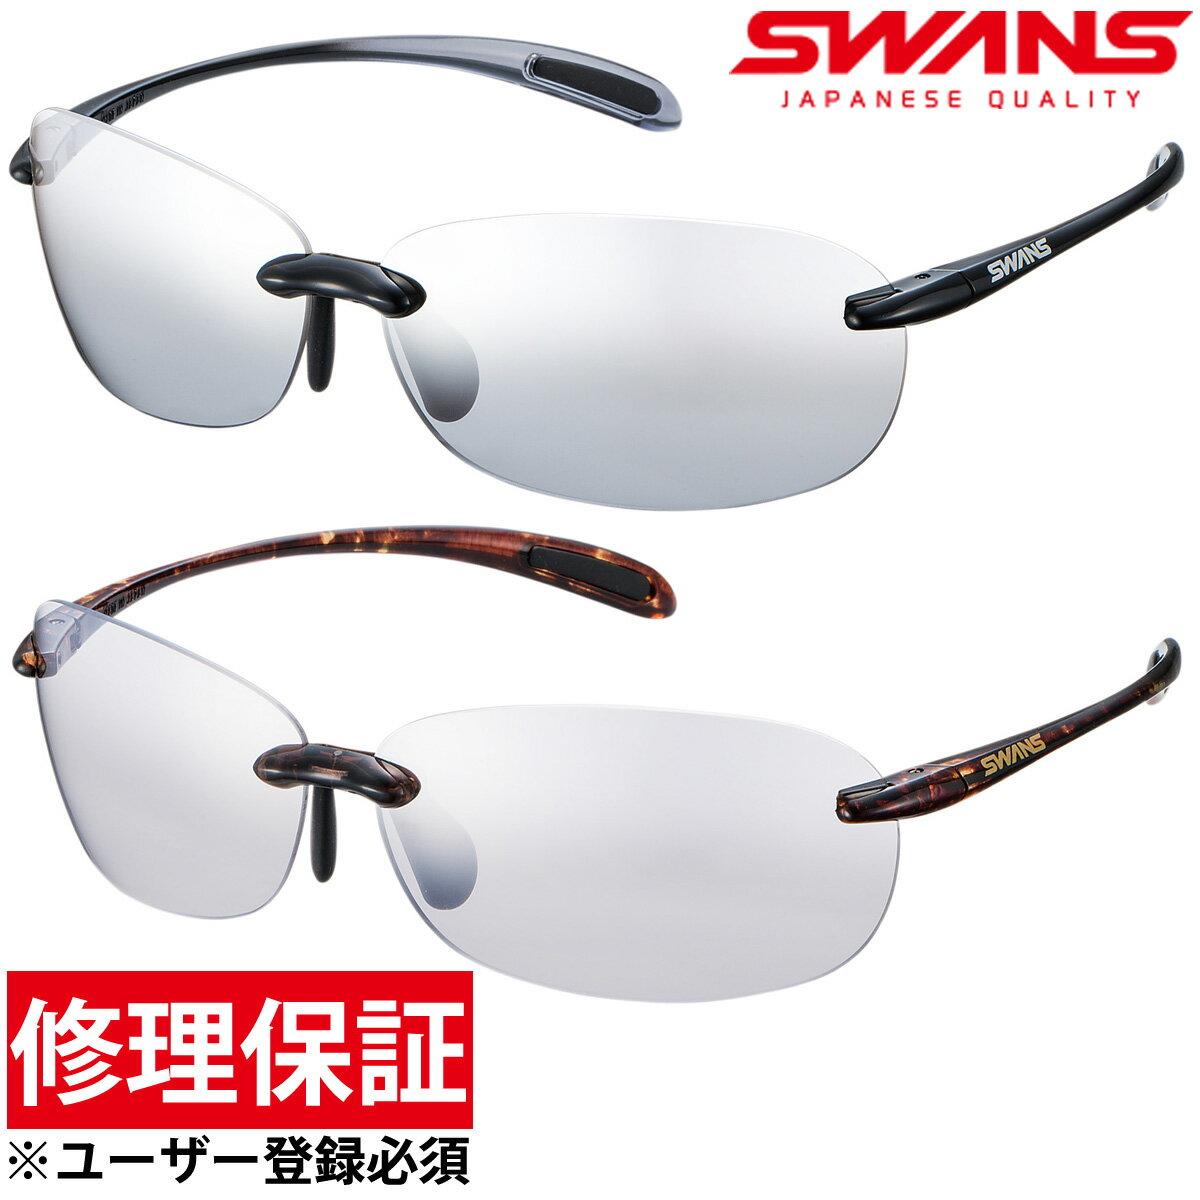 スポーツサングラス エアレス ビーンズ ハーフミラーレンズ SWANS メンズ レディース ミラーレンズ グラス SWANS スワンズ SWANS スワンズ